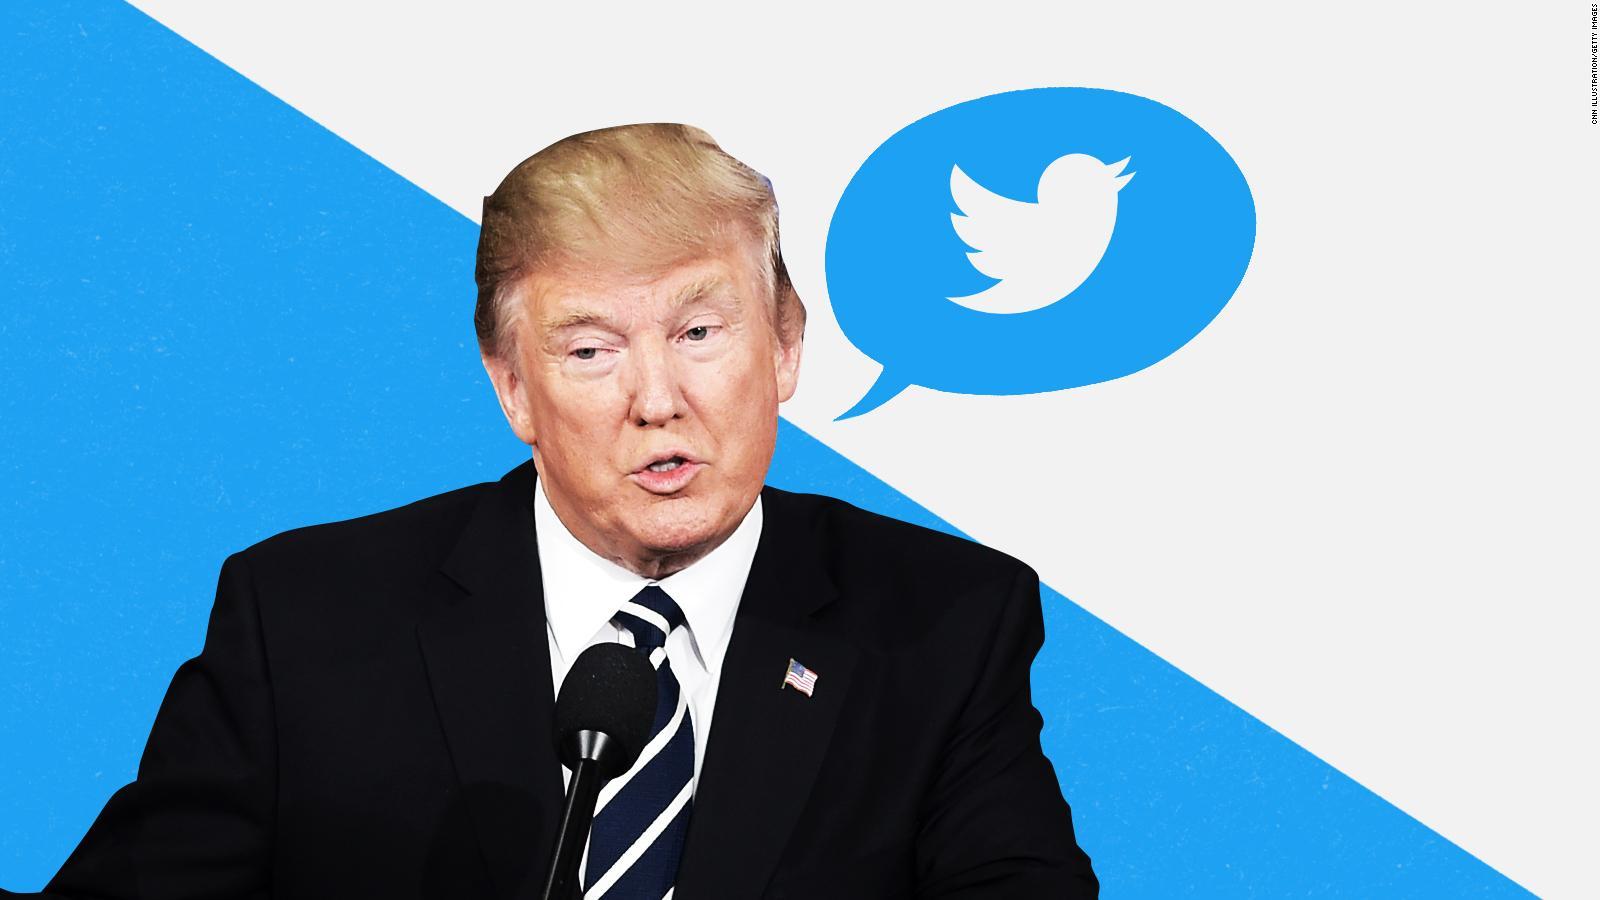 ¿Excusa?: Twitter atribuye reducción de seguidores de Trump a eliminación de cuentas falsas